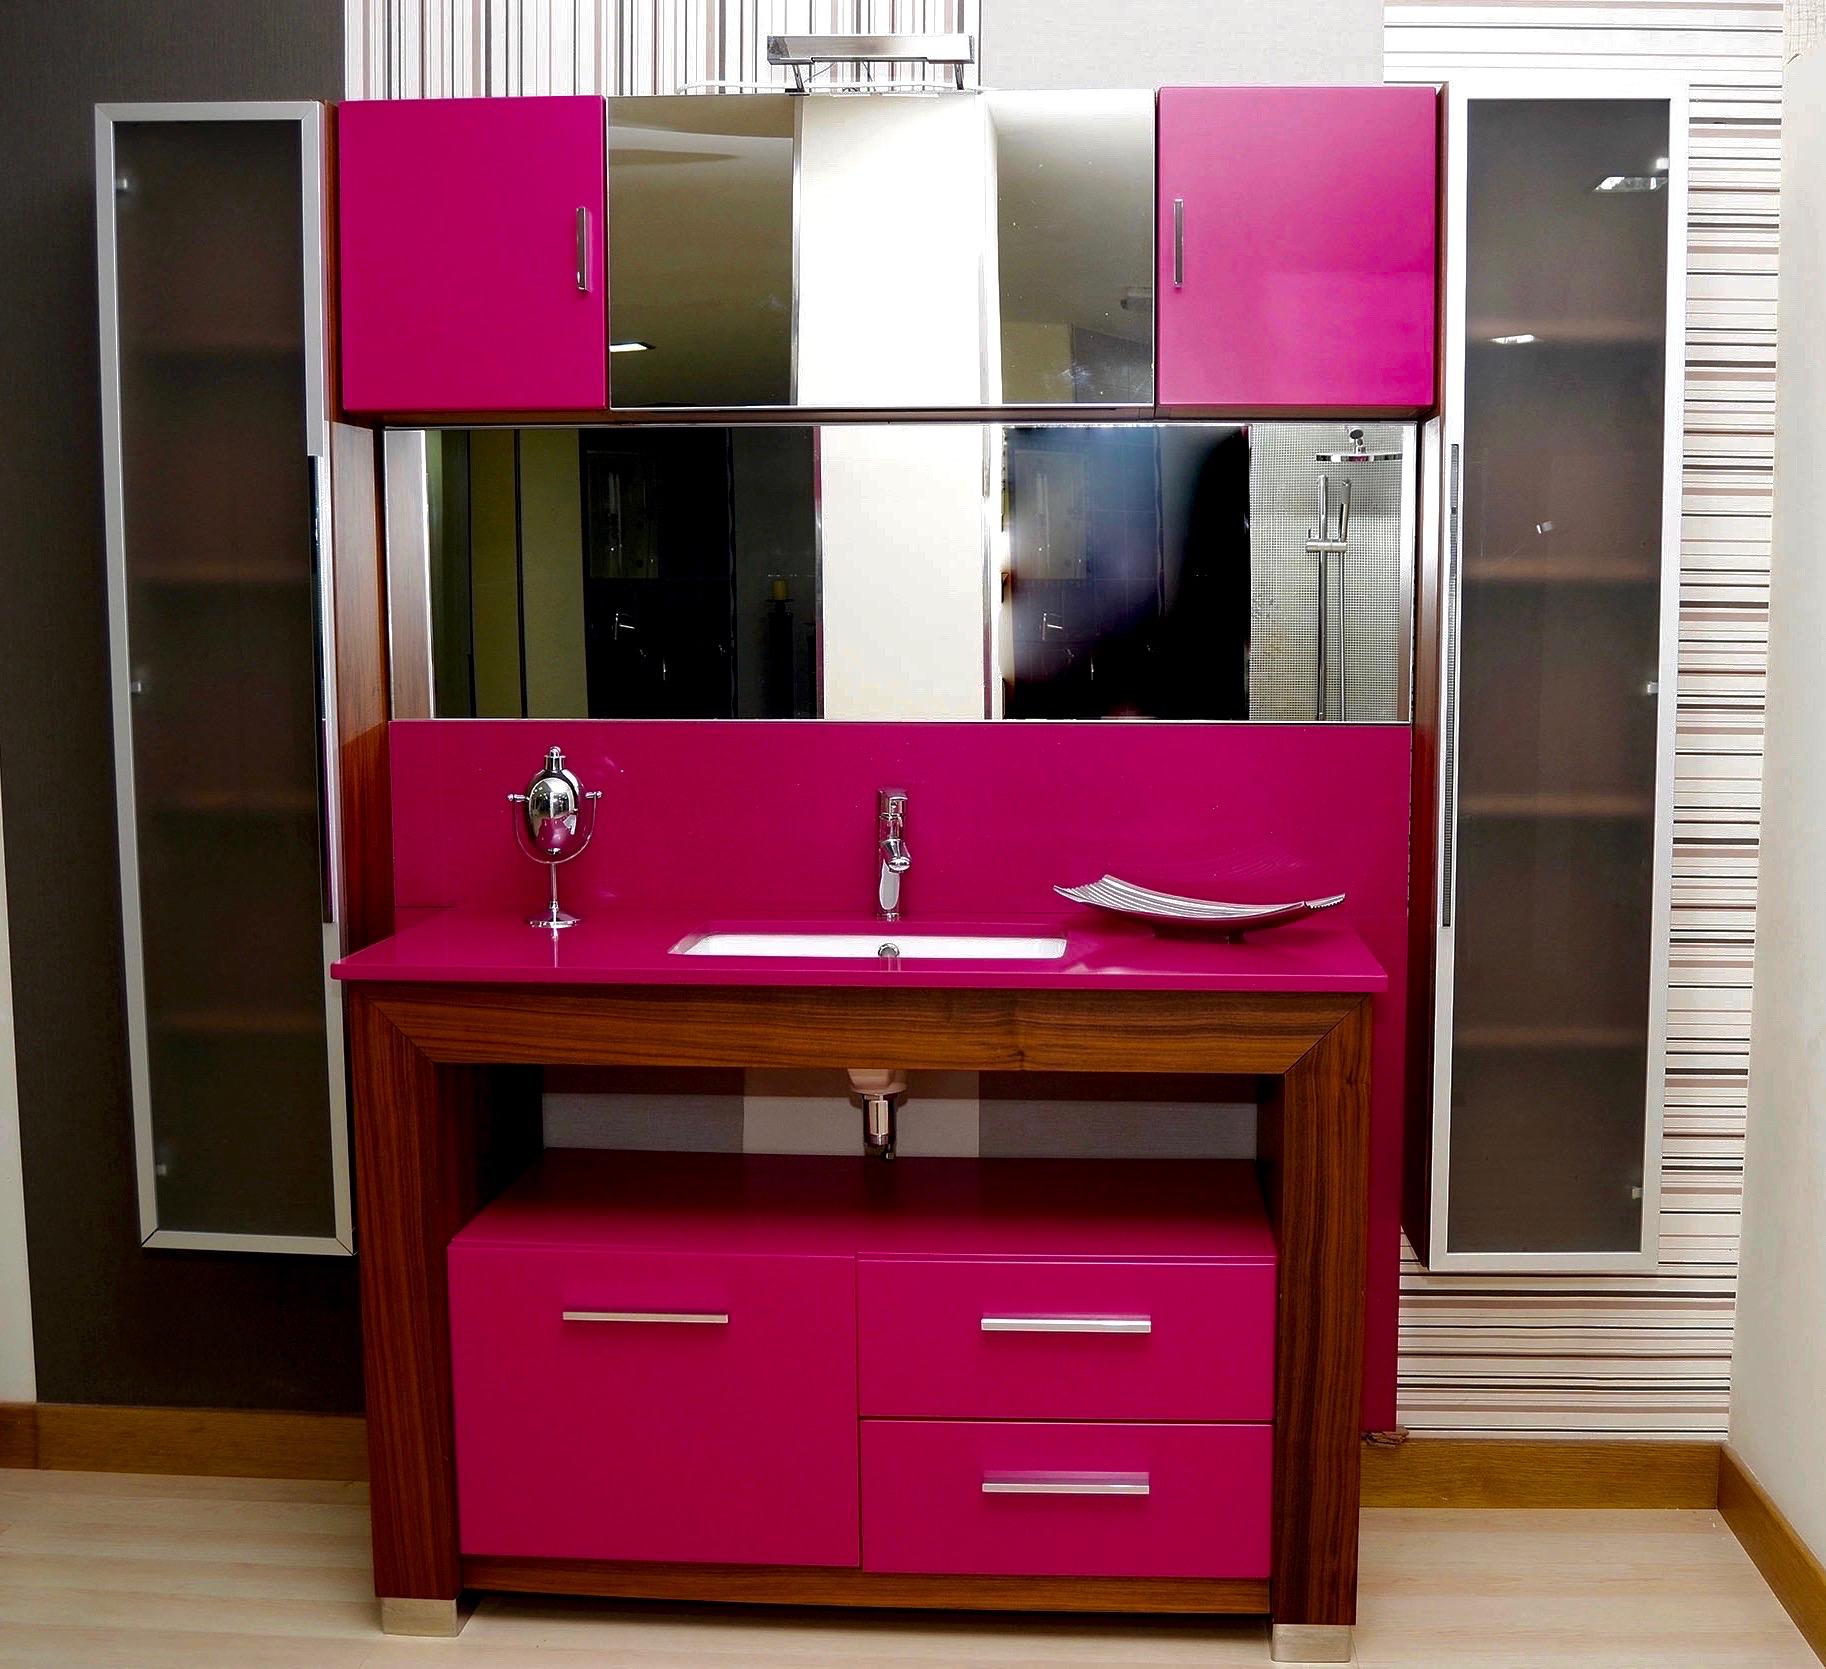 Nuestros baños-premium00 - Tienda de muebles de cocina y baño en Santander